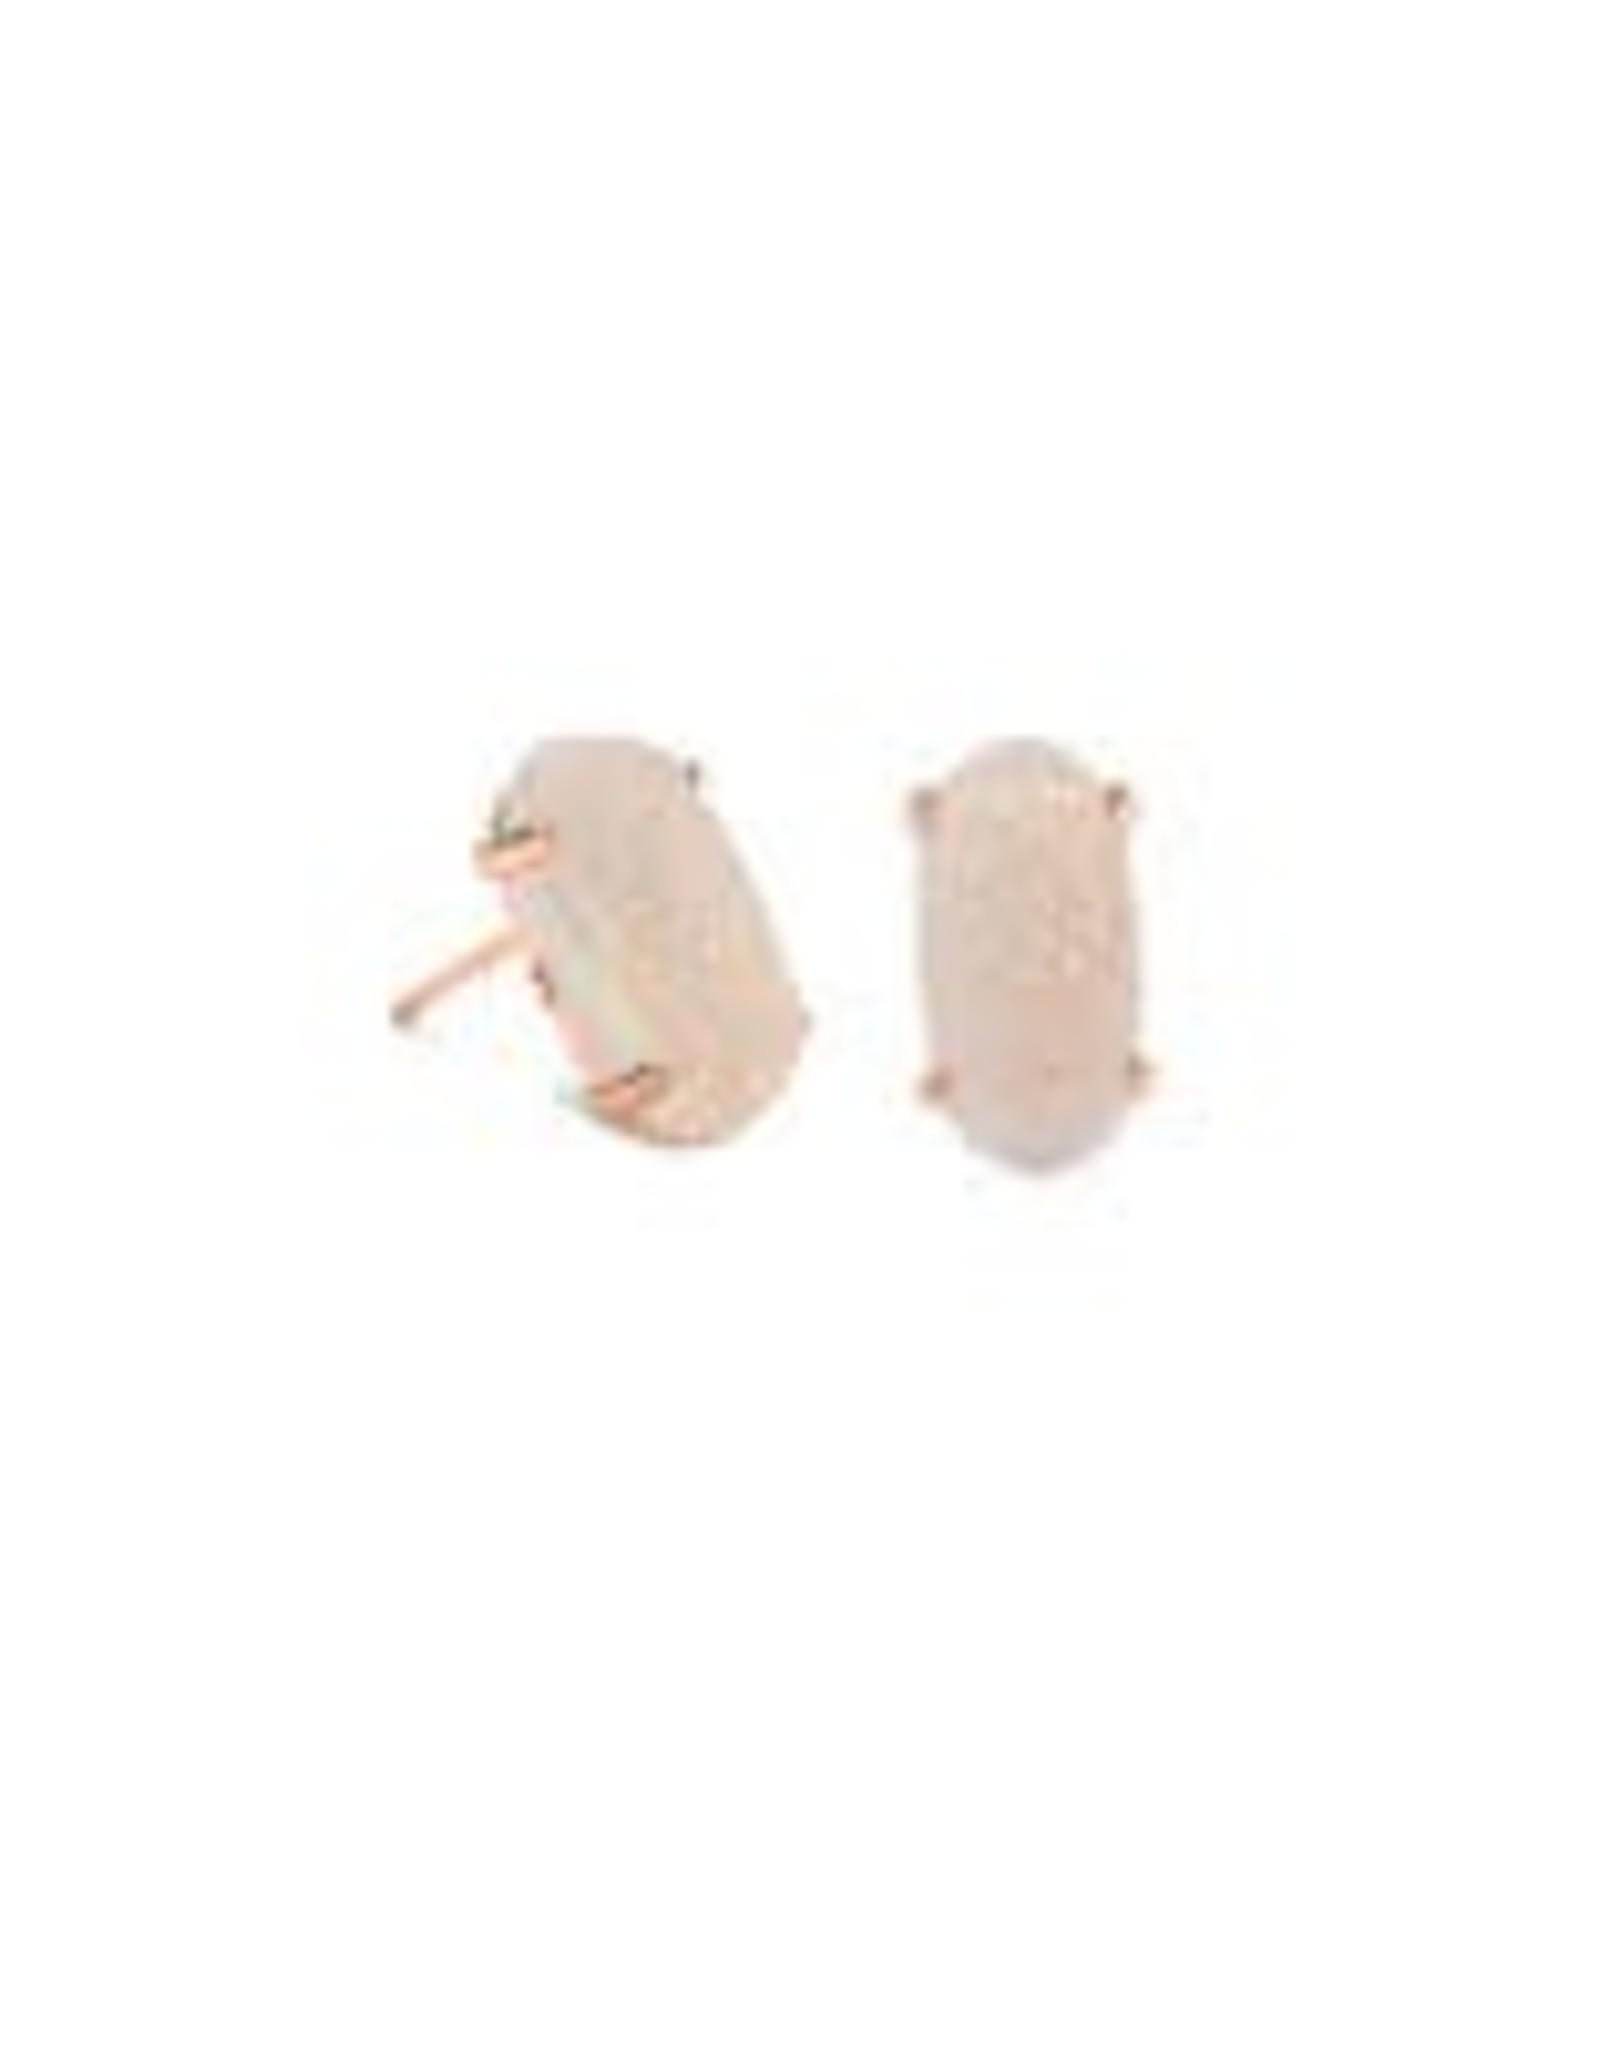 Kendra Scott KENDRA SCOTT Earrings Betty Rose Gold